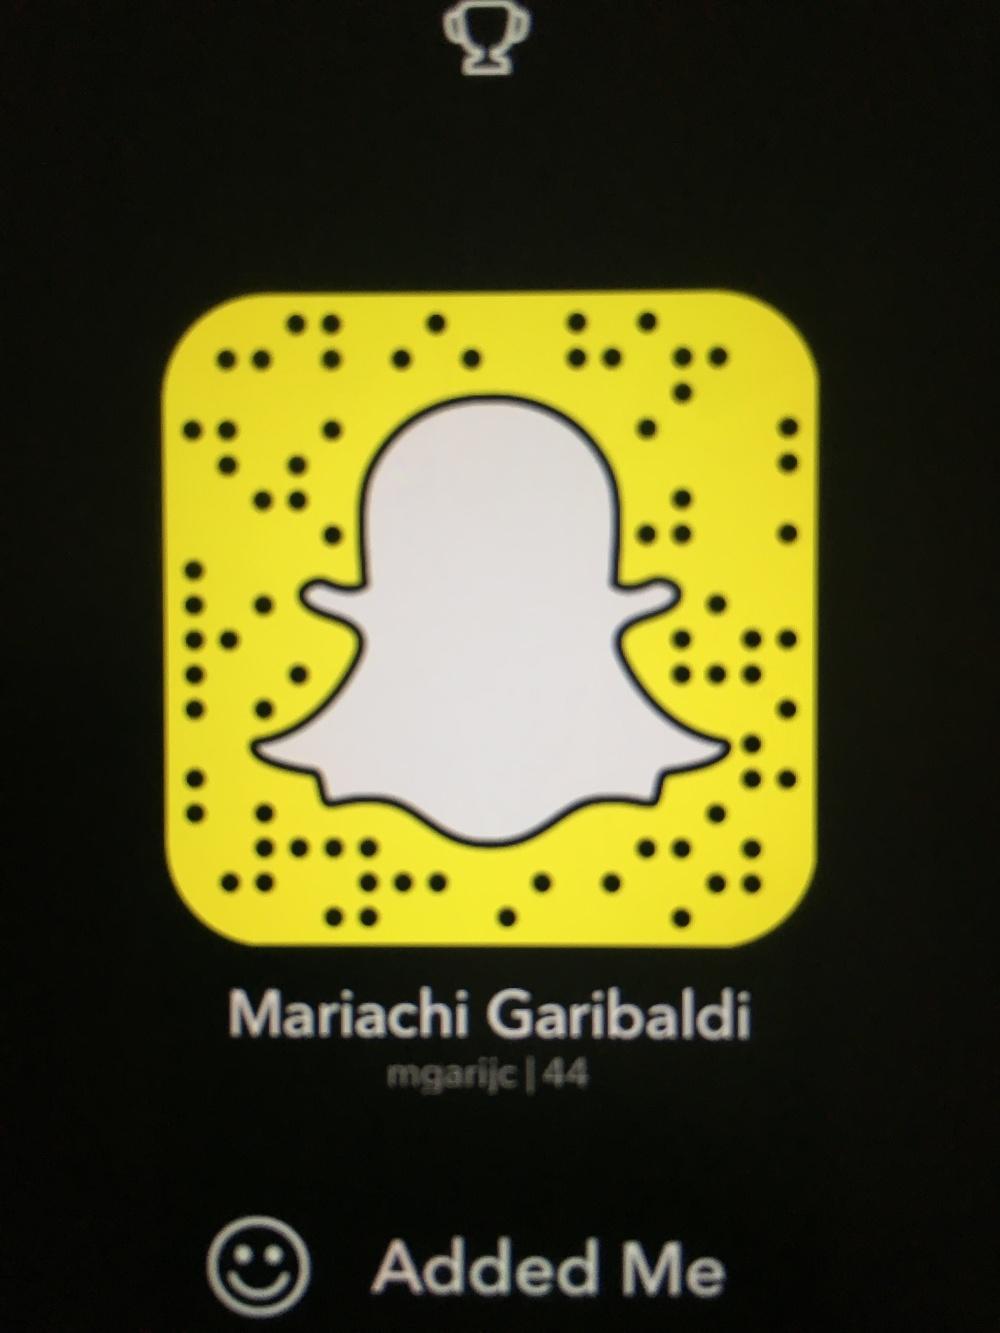 MGJC_Snapchat.jpg